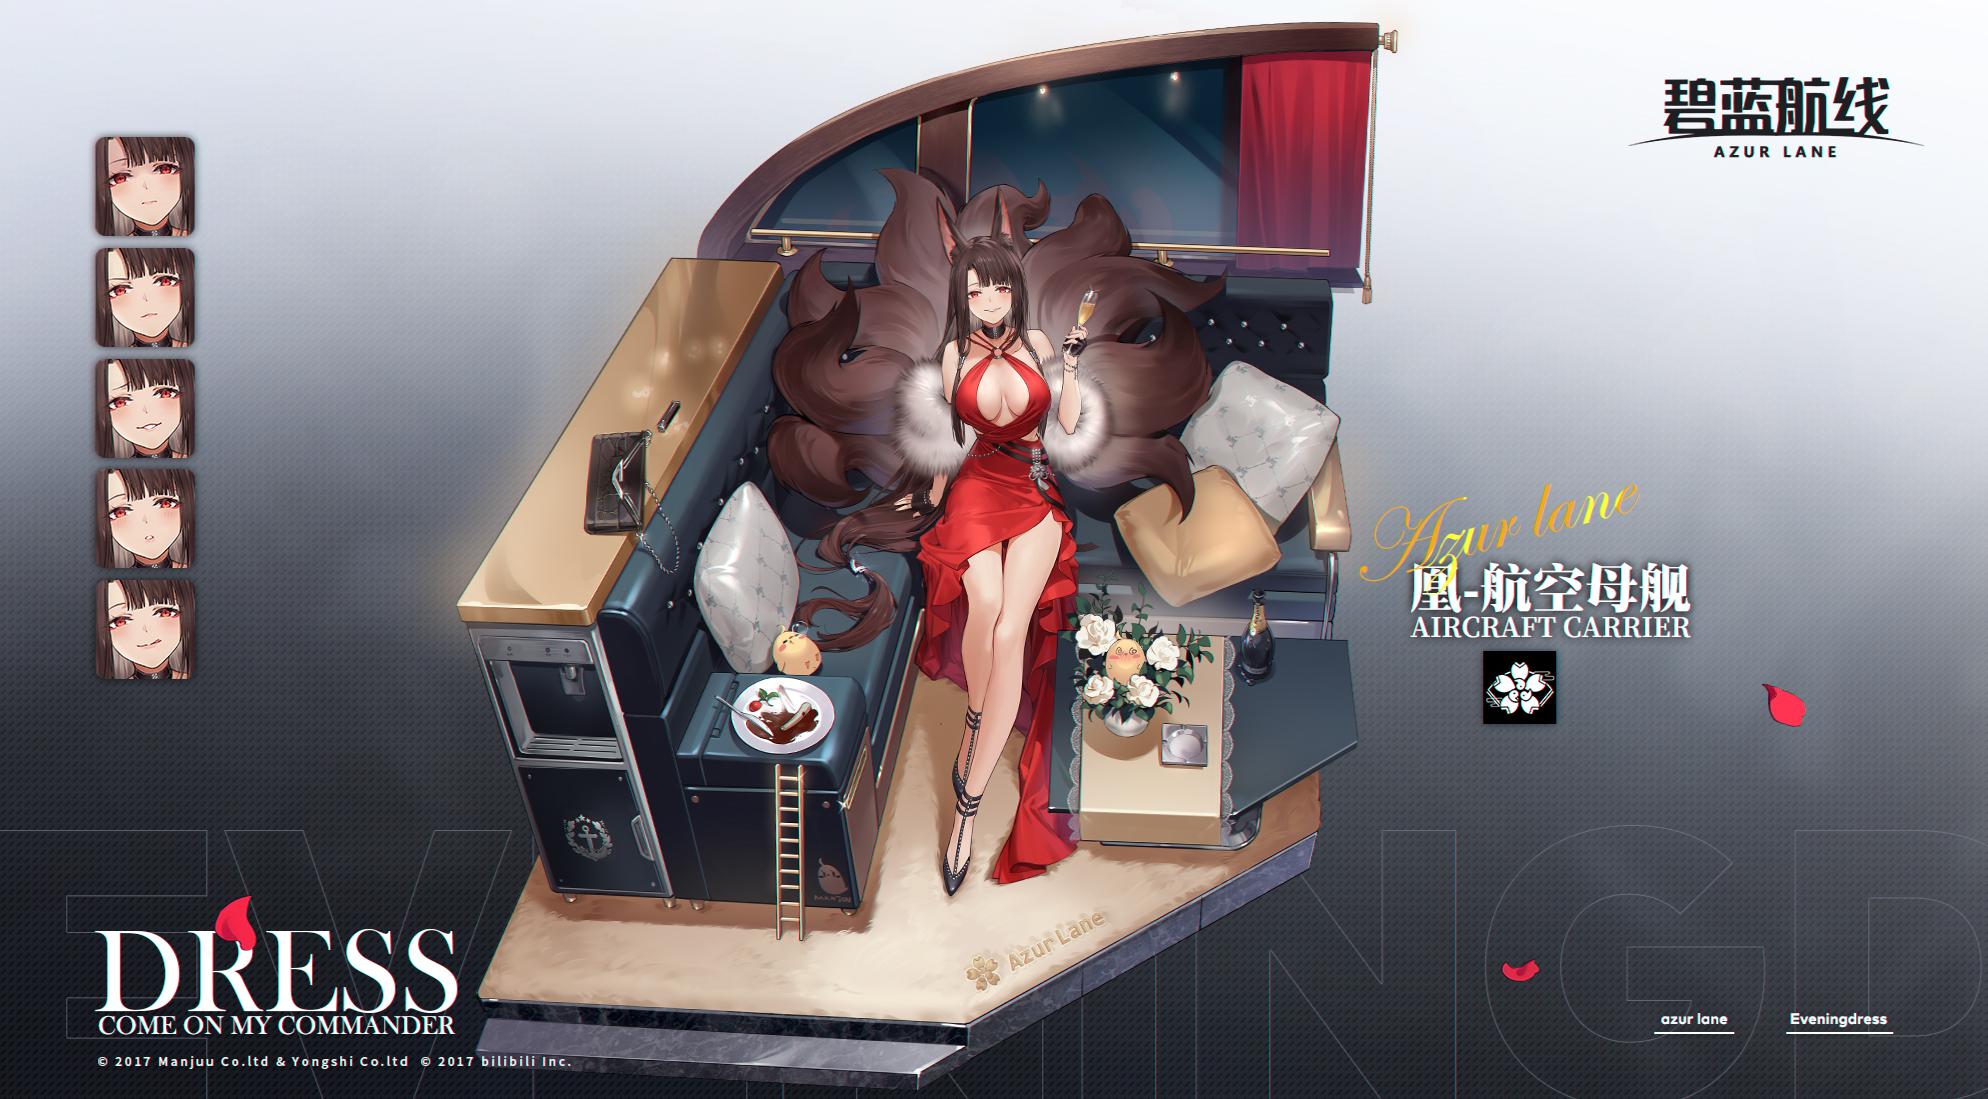 赤城换装3官方海报.jpg